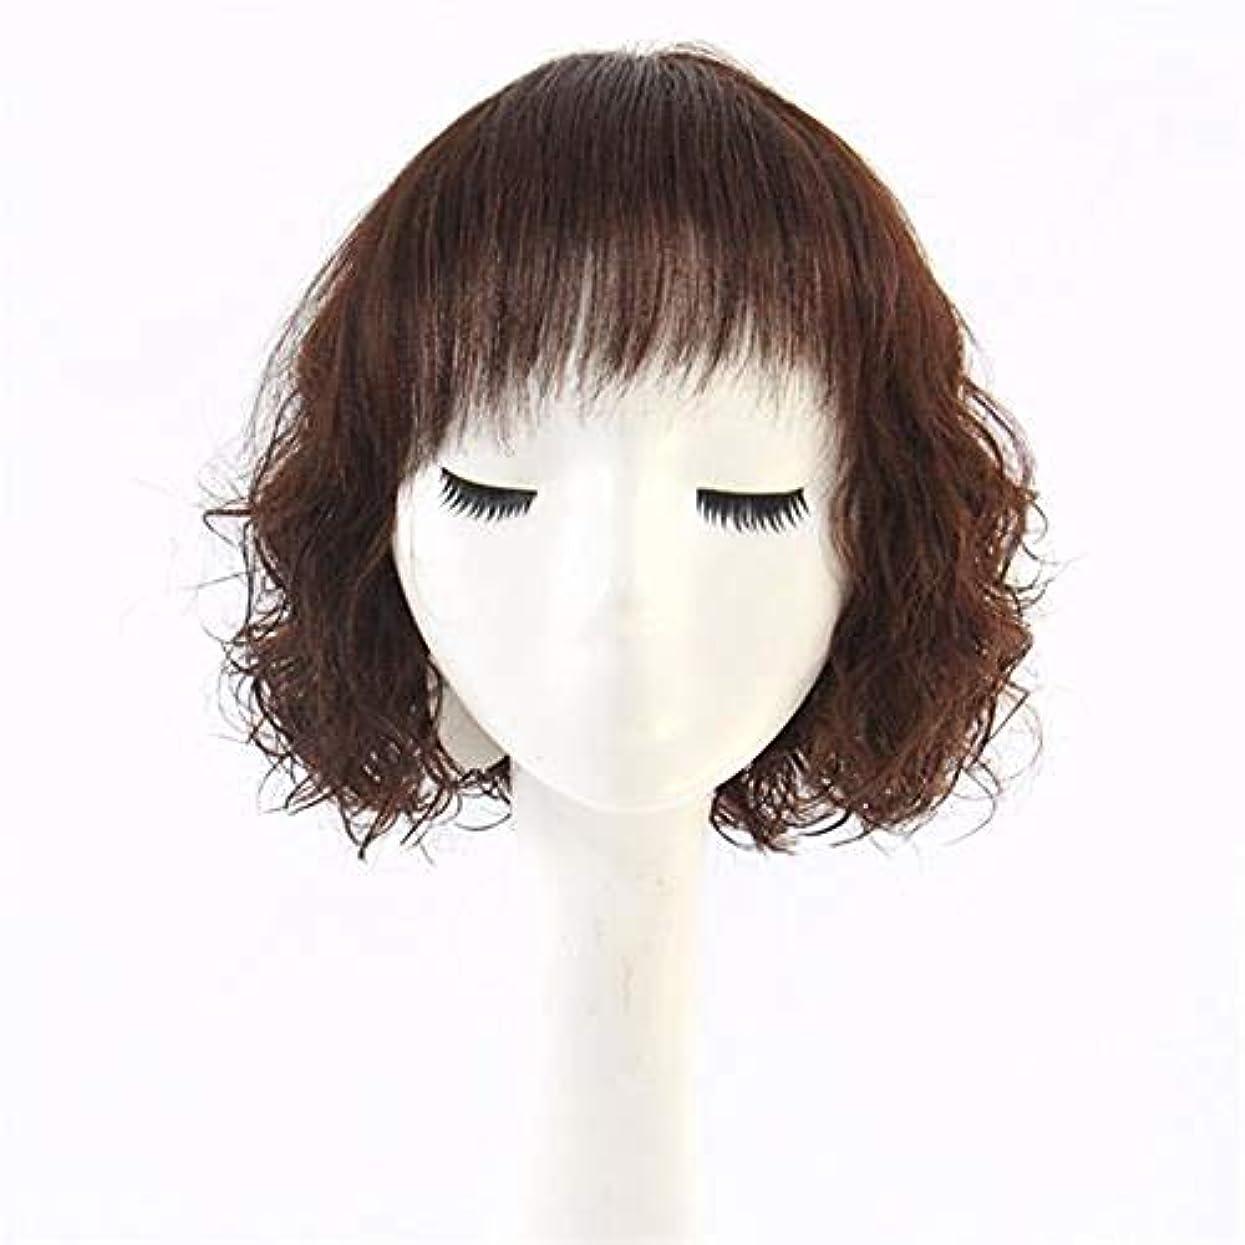 カフェテリアショッピングセンター農奴YOUQIU 女子ショートカーリーボブスタイルレディースの高品質のファッションチャーミング本物の人間の髪の毛のかつらウィッグ (色 : Natural color)